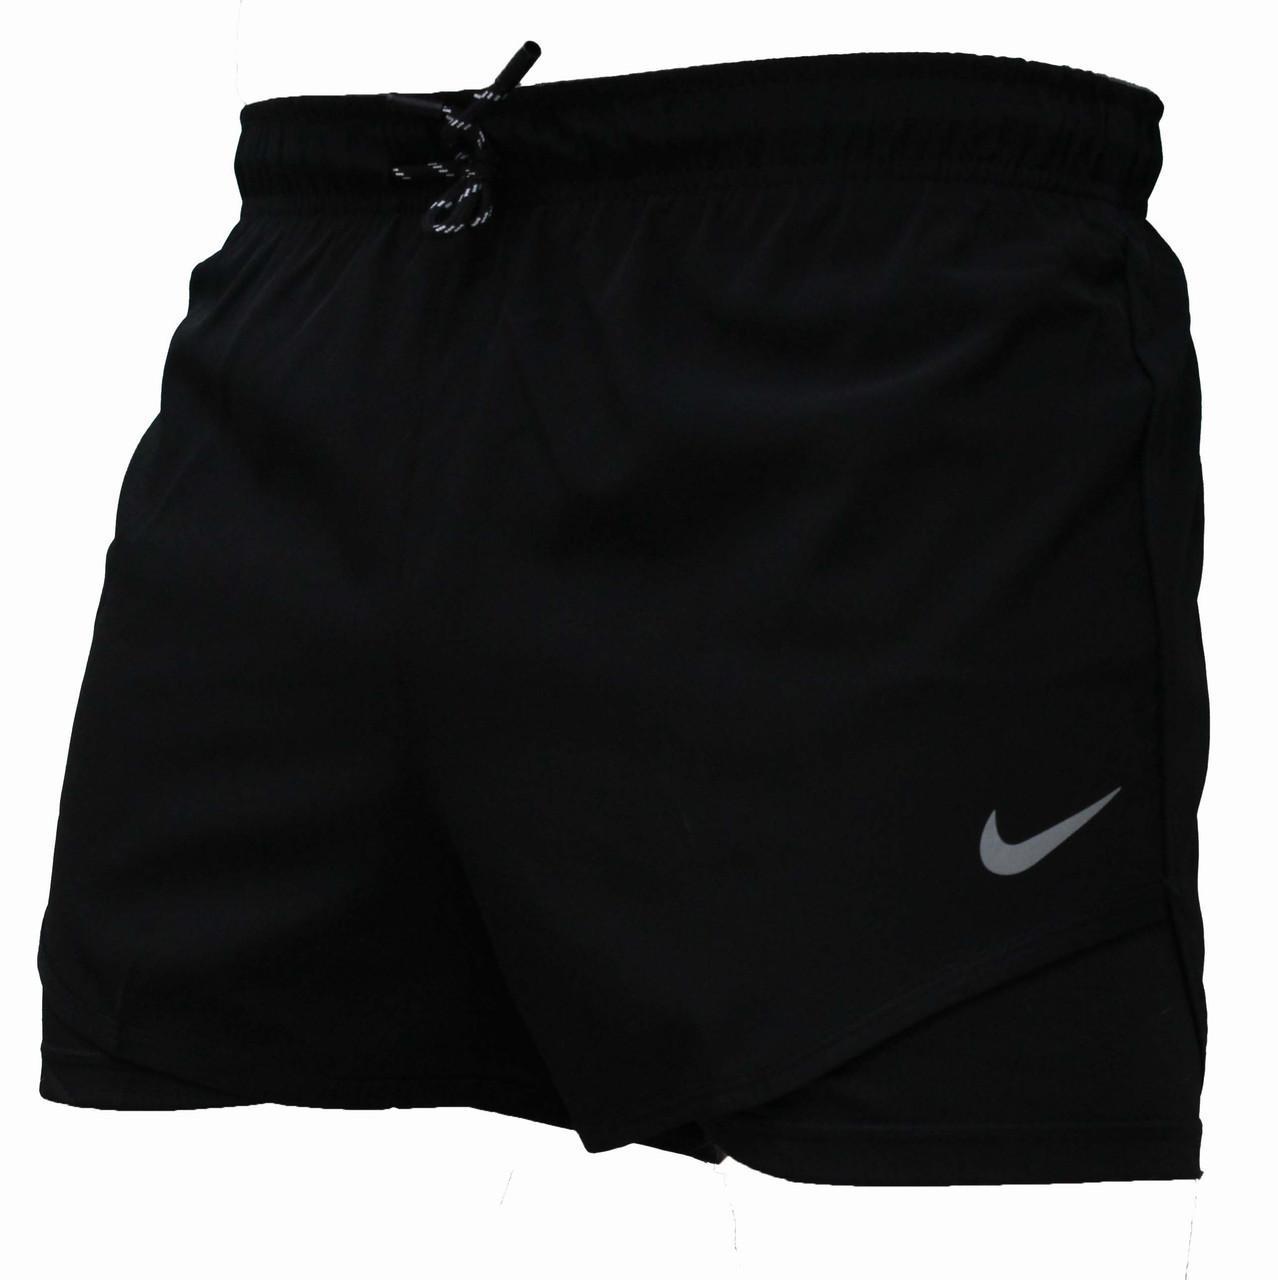 Мужские черные короткие шорты для плавания стрейч беговые с вырезом (Реплика)